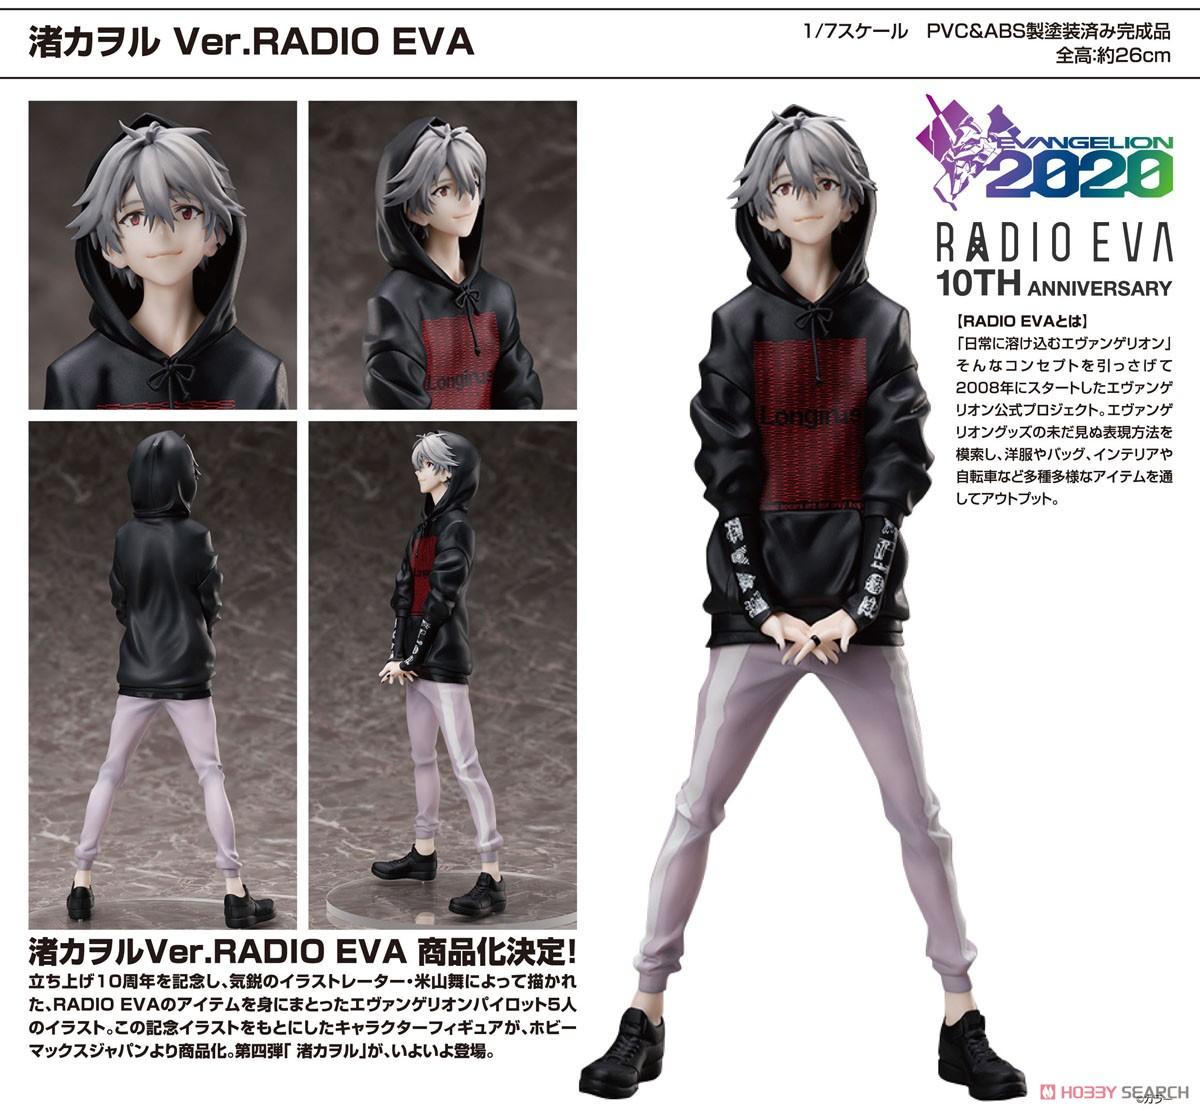 エヴァンゲリオン(RADIO EVA)『渚カヲル Ver.RADIO EVA』1/7 完成品フィギュア-006